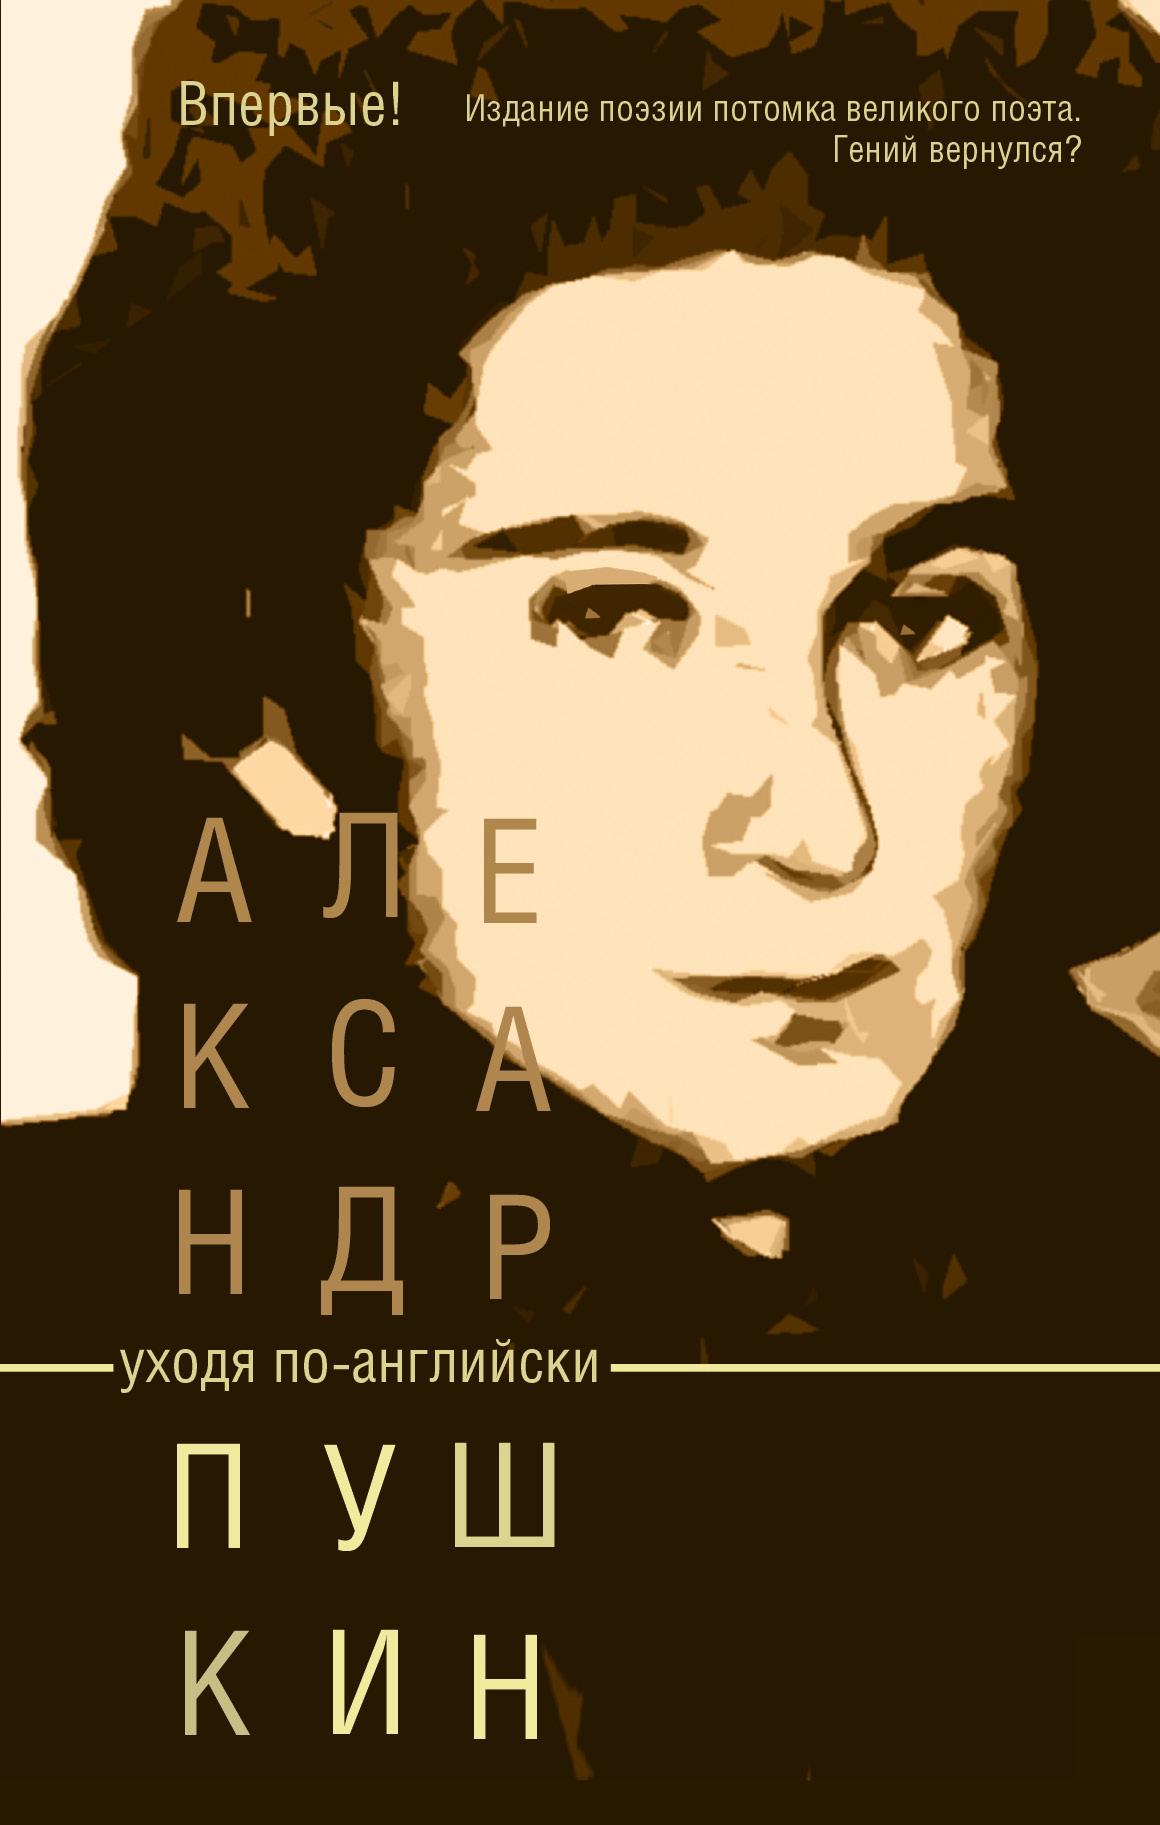 Уходя по-английски от book24.ru